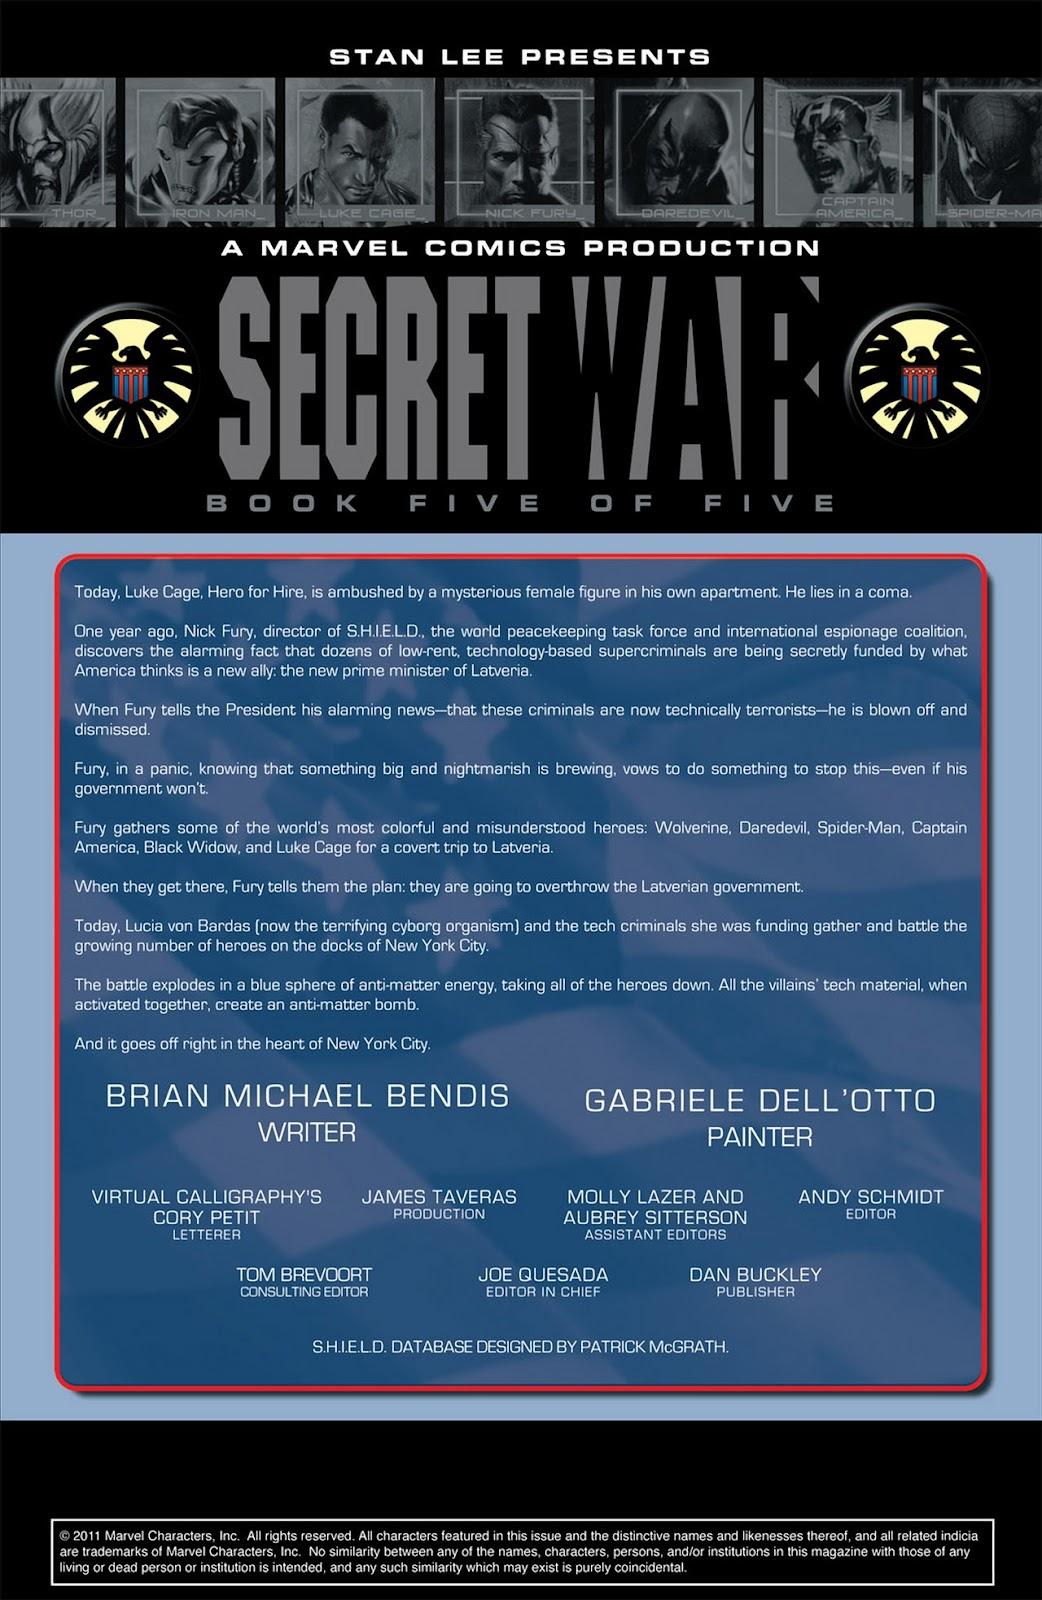 Read online Secret War comic -  Issue #5 - 2